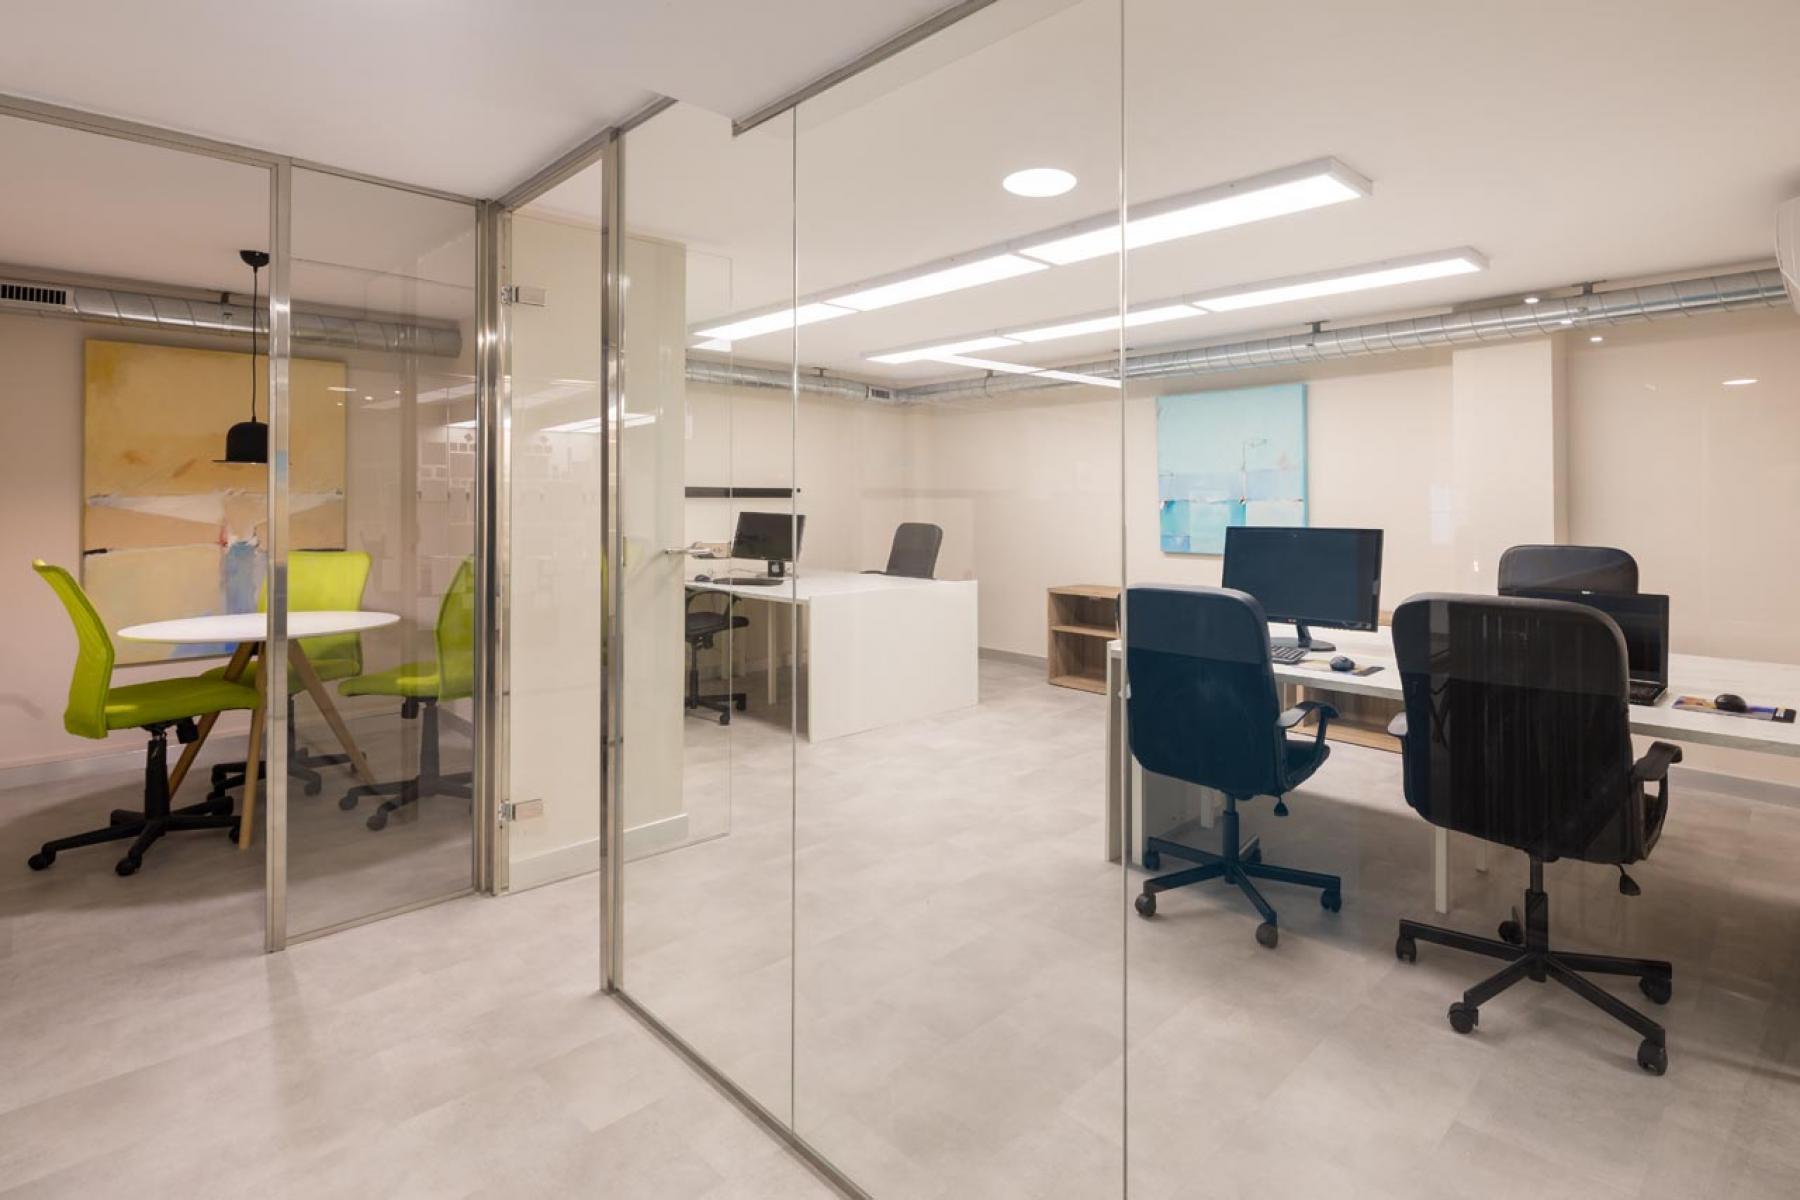 Alquilar oficinas Carrer Provença 555, Barcelona (5)